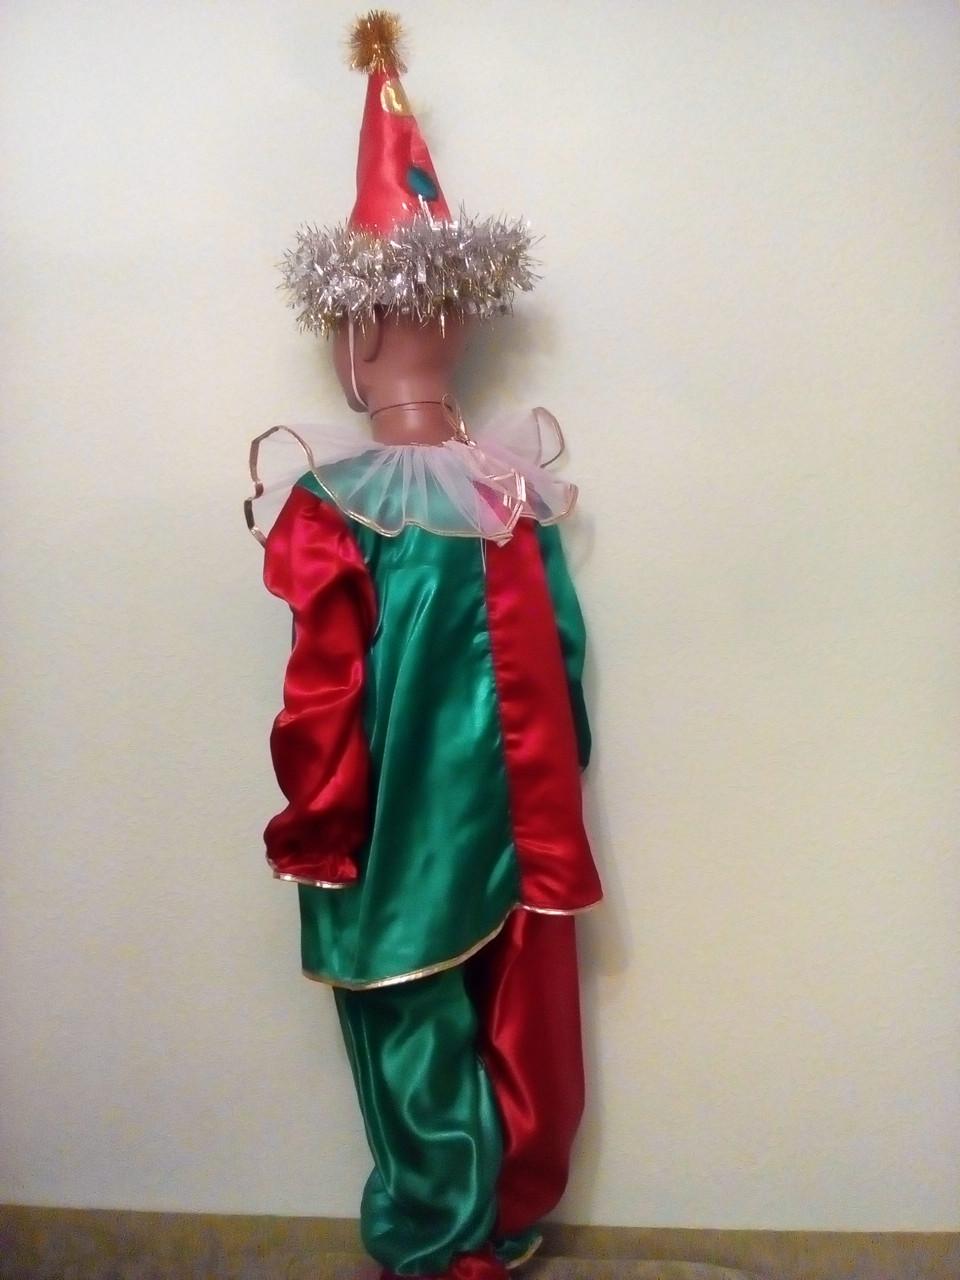 Карнавально-новогодние костюмы напрокат Клоун 98-110 см Киев Подол, фото 2 2006927c914